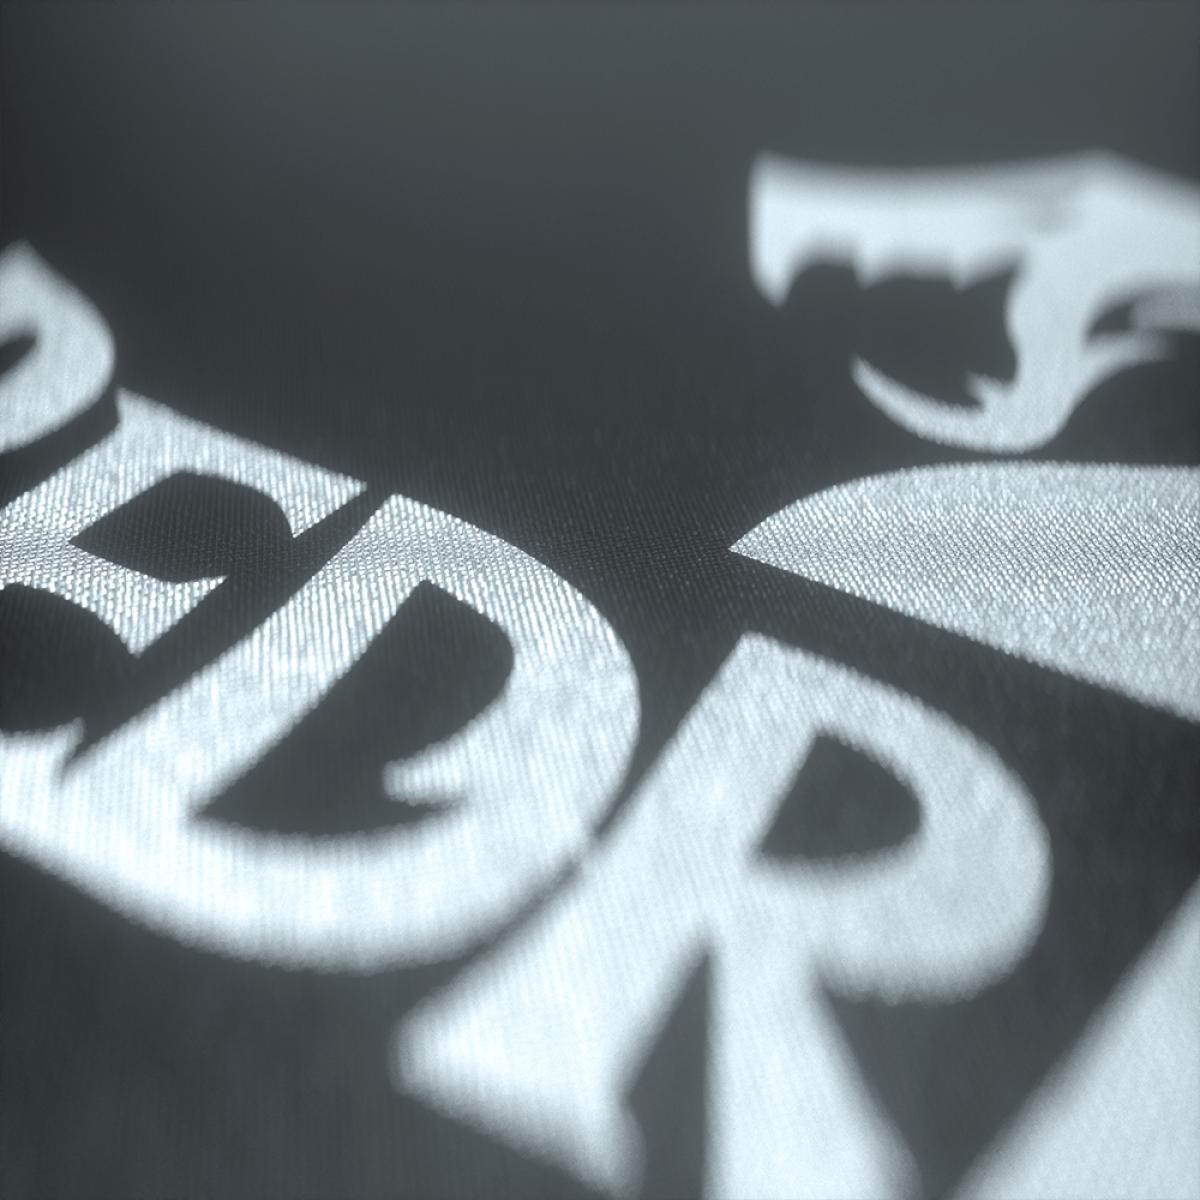 Mousepad Gamer Redragon Flick P030, M